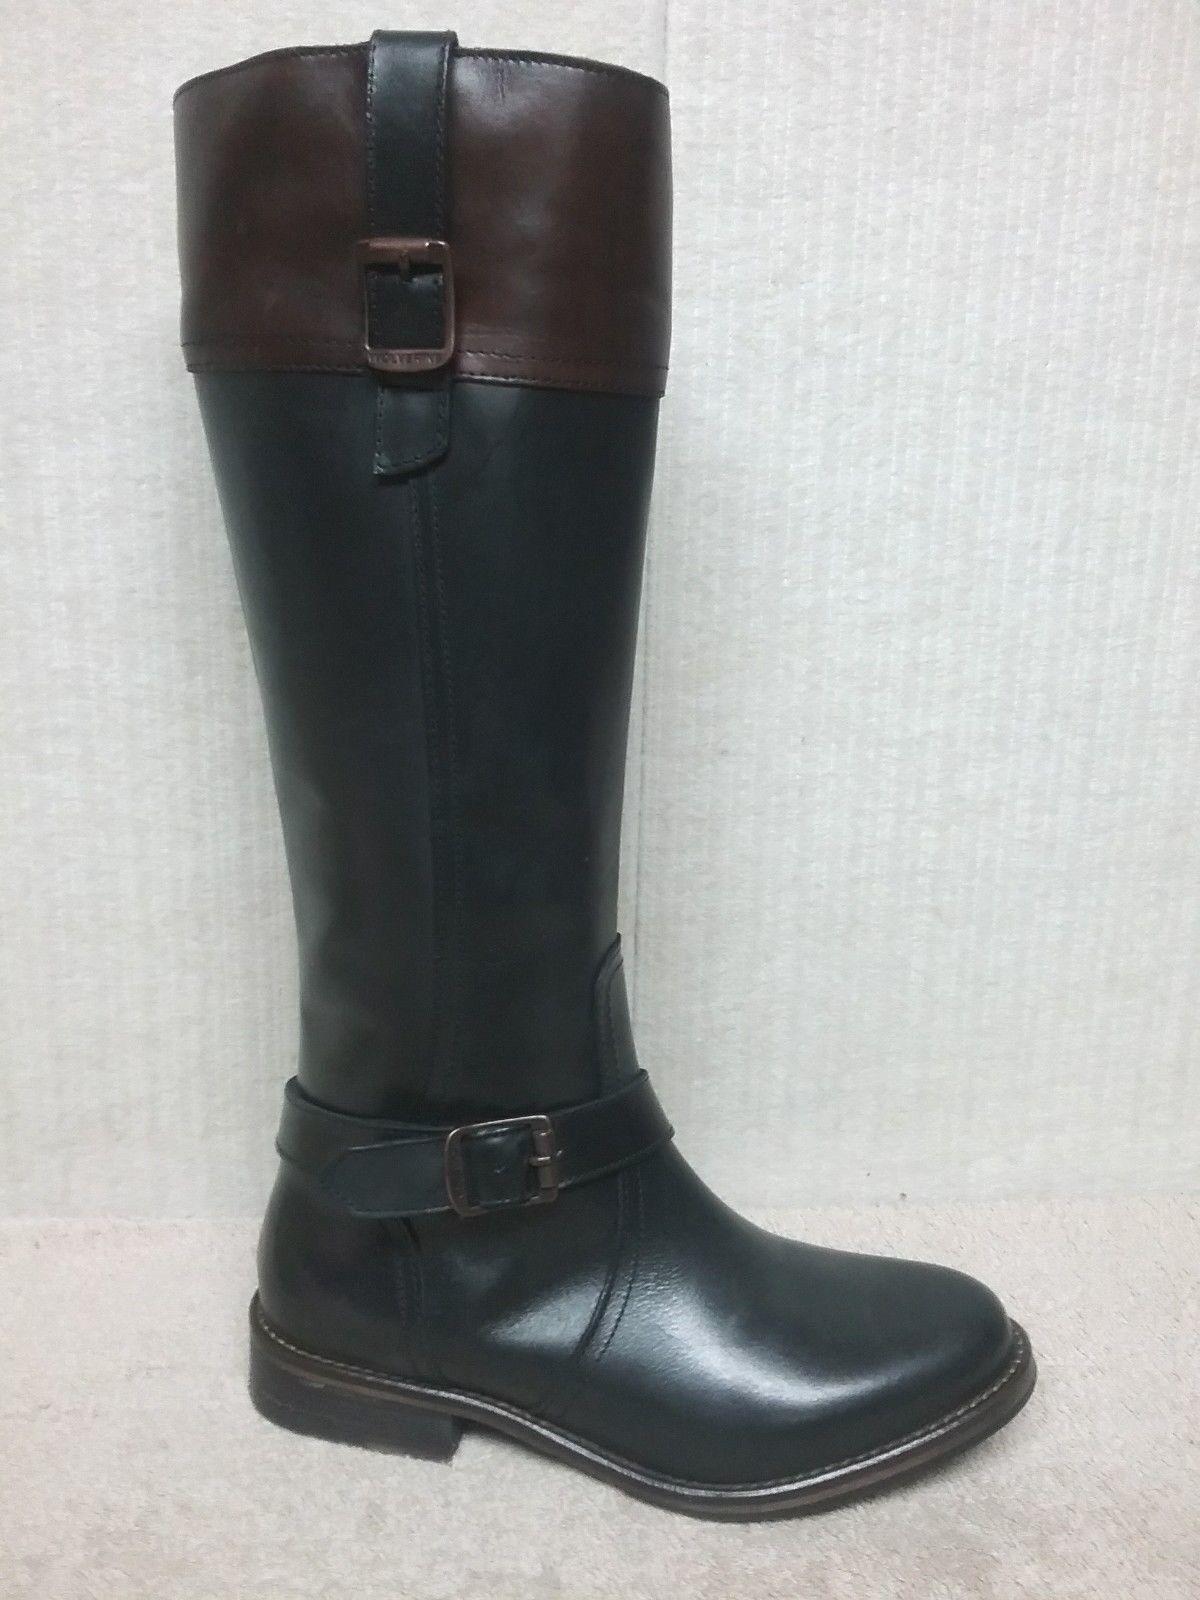 Wolverine-W40091-Shannon-Mujer Cuero botas botas botas De Montar-negro-tamaño 5.5  auténtico